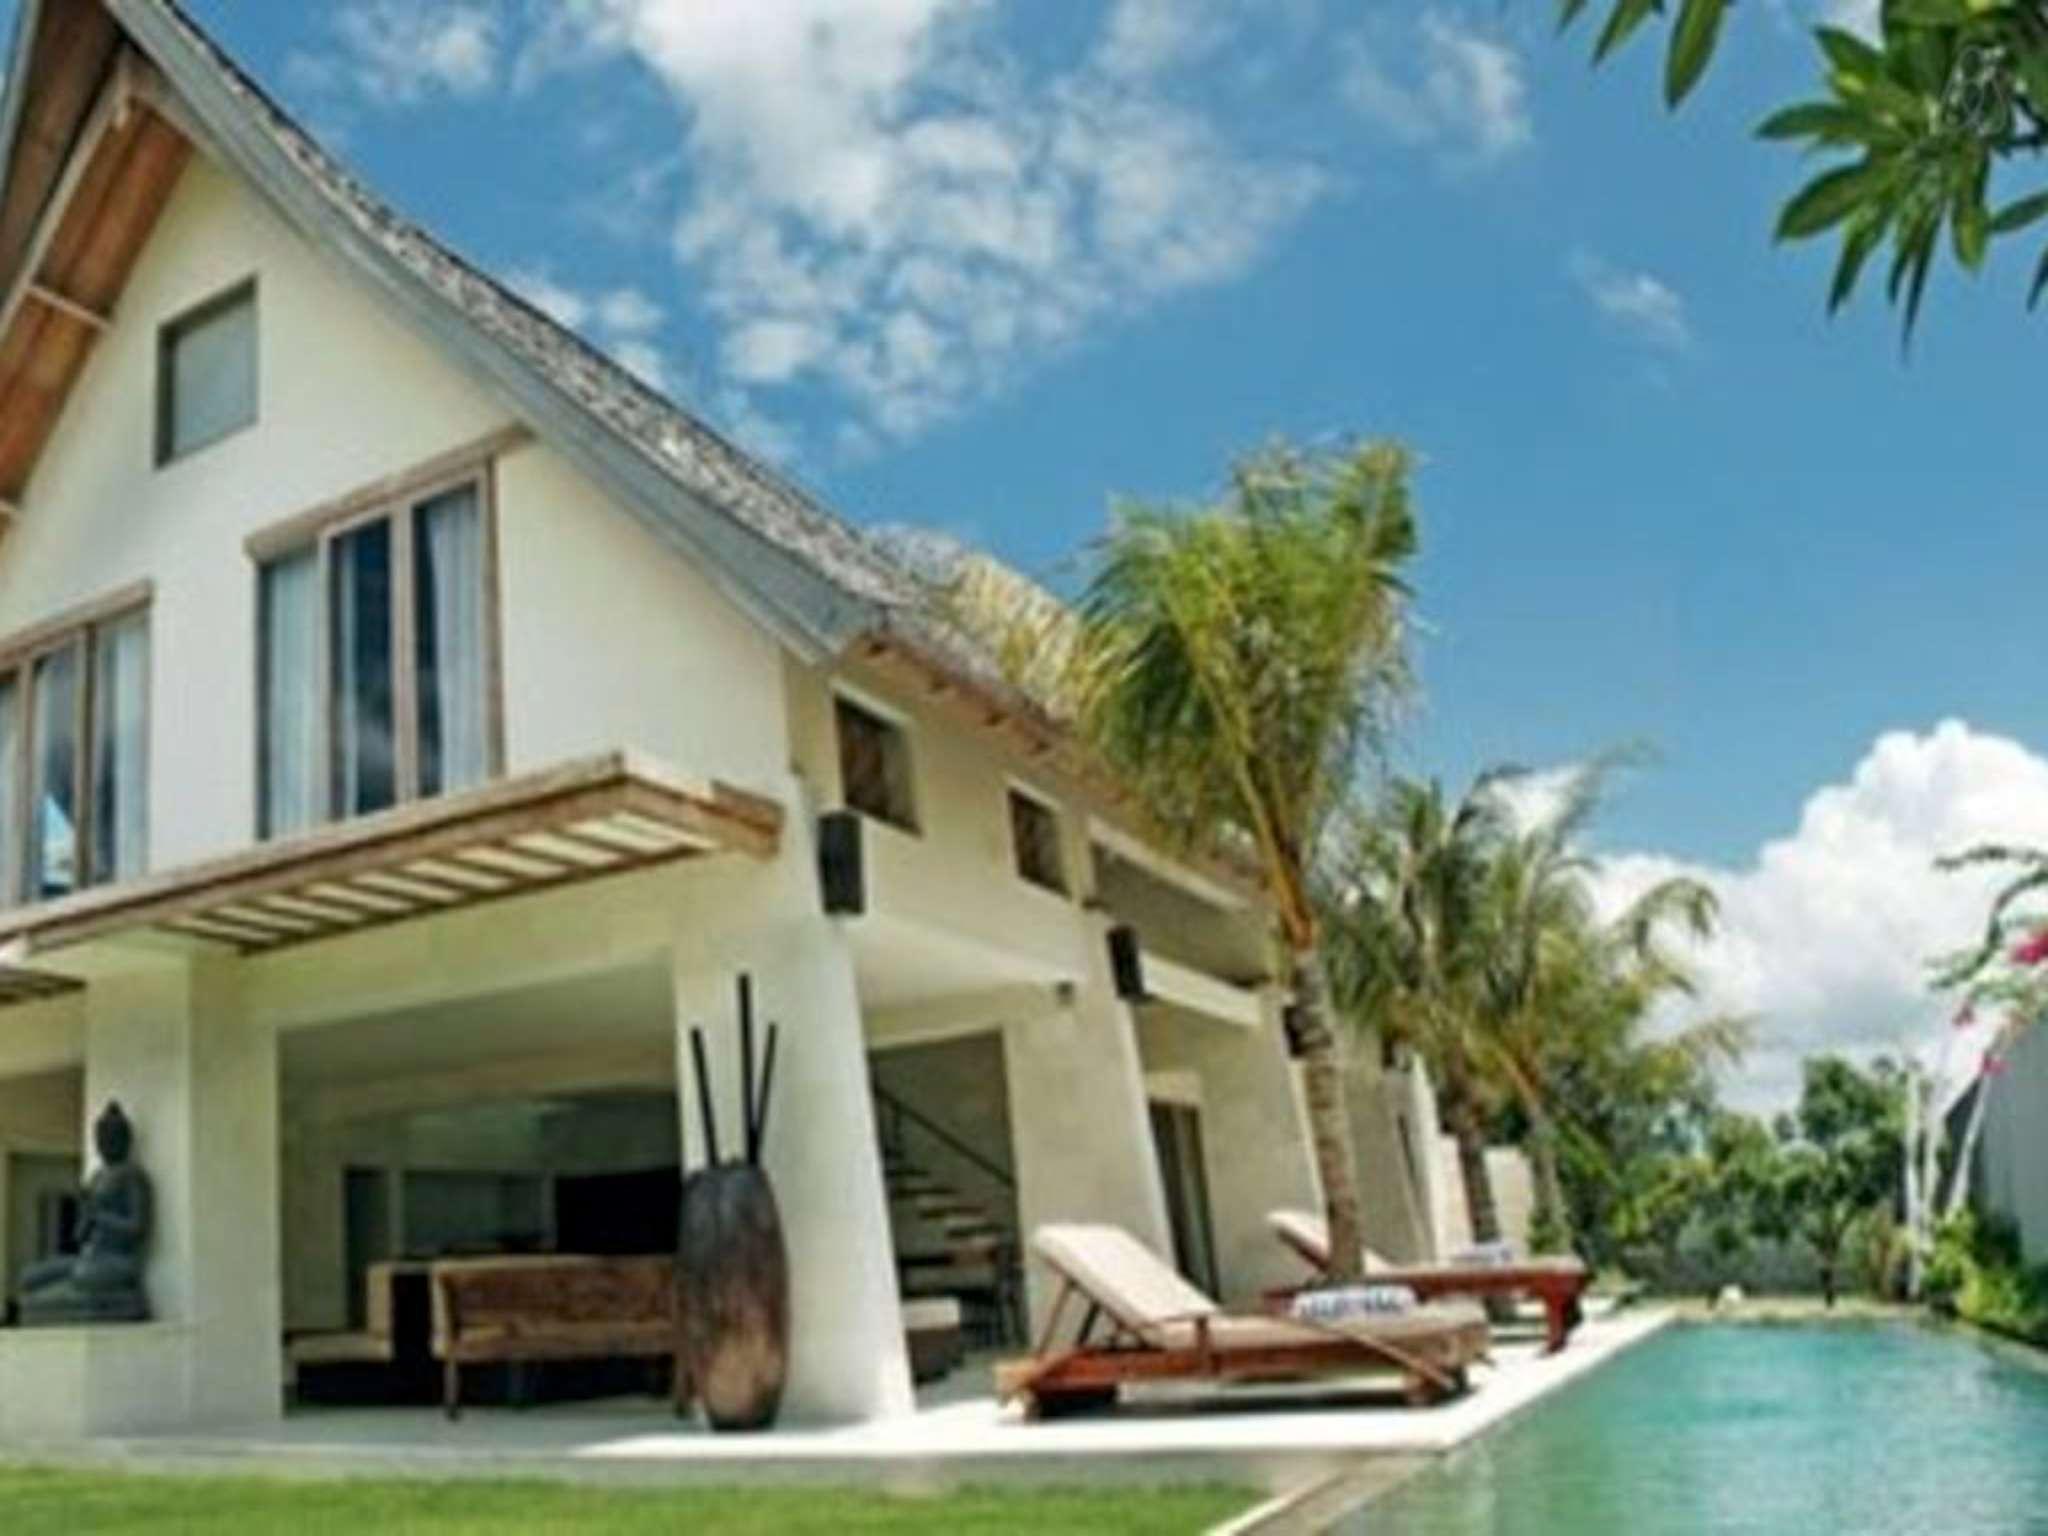 5 Bedroom Luxury Villa at Seminyak Centre